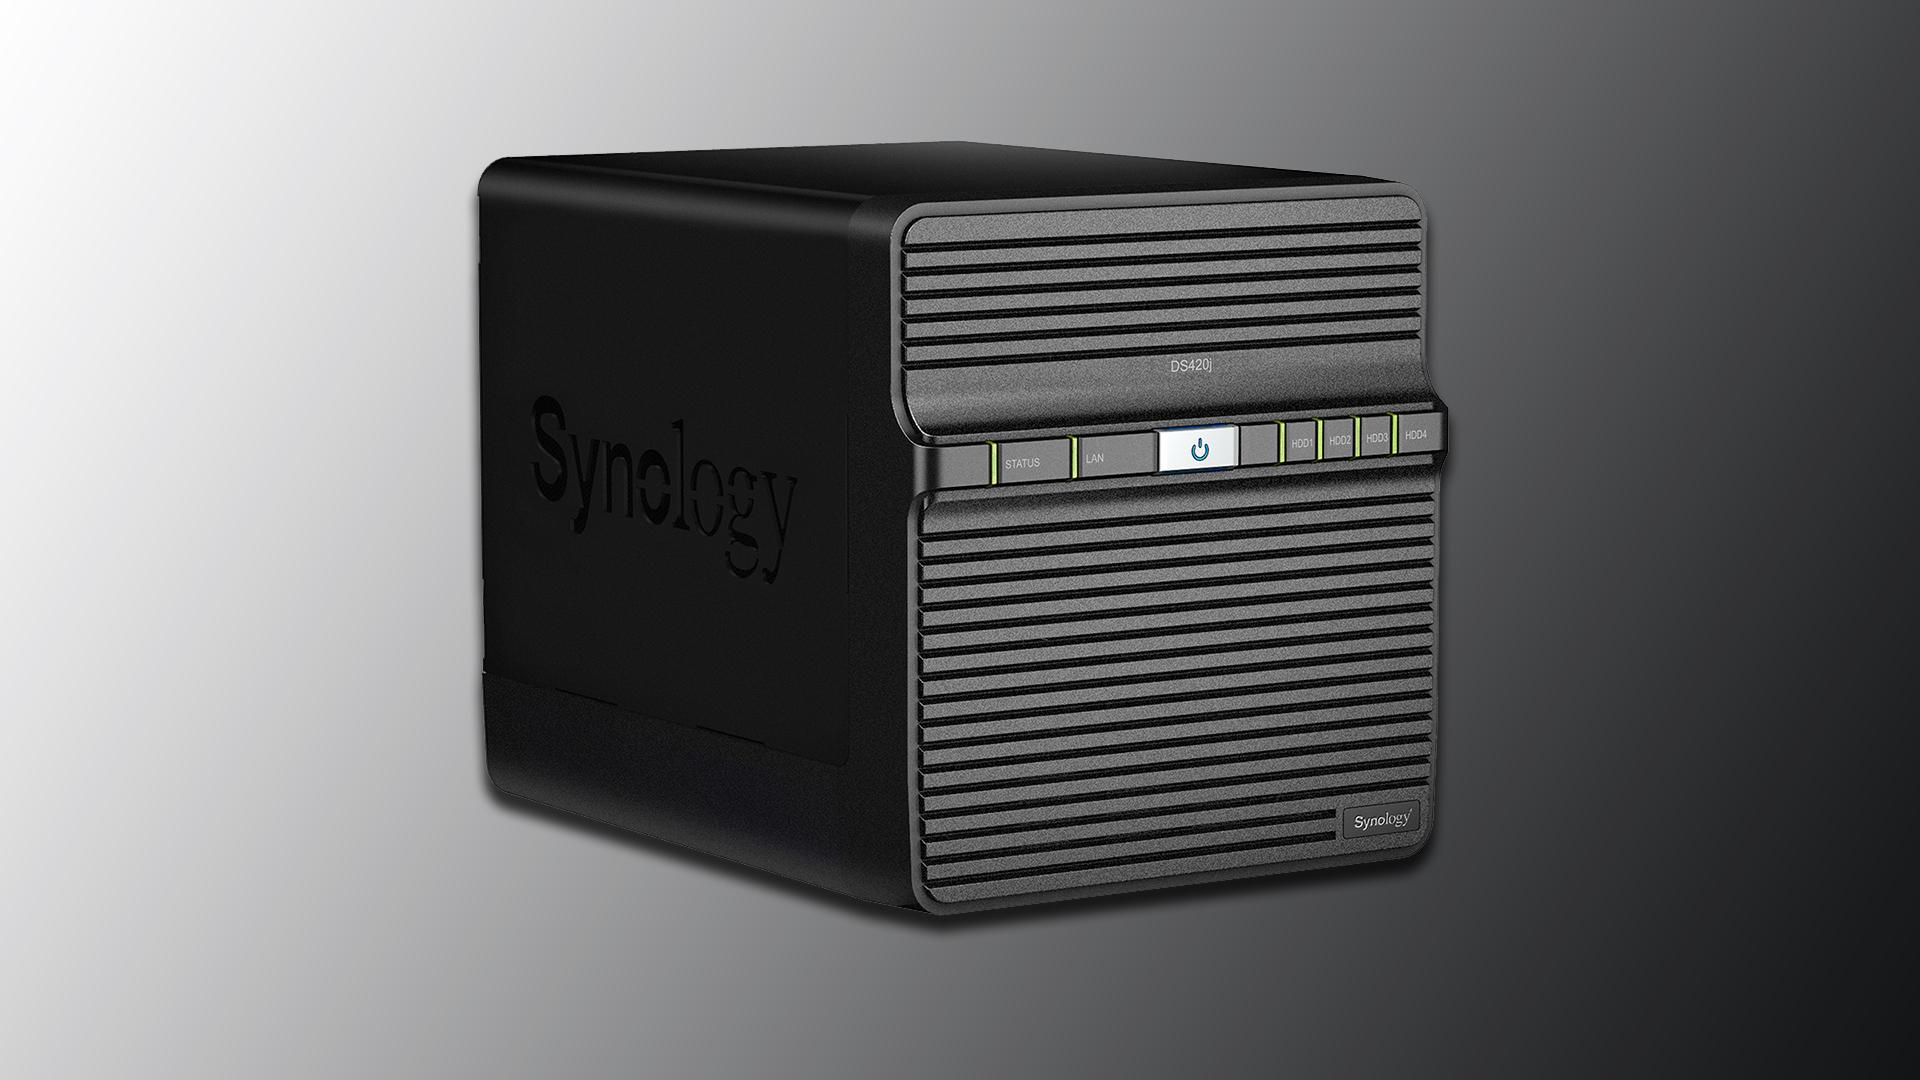 Synology DiskStation DS420j: Soluția de server pentru acasă